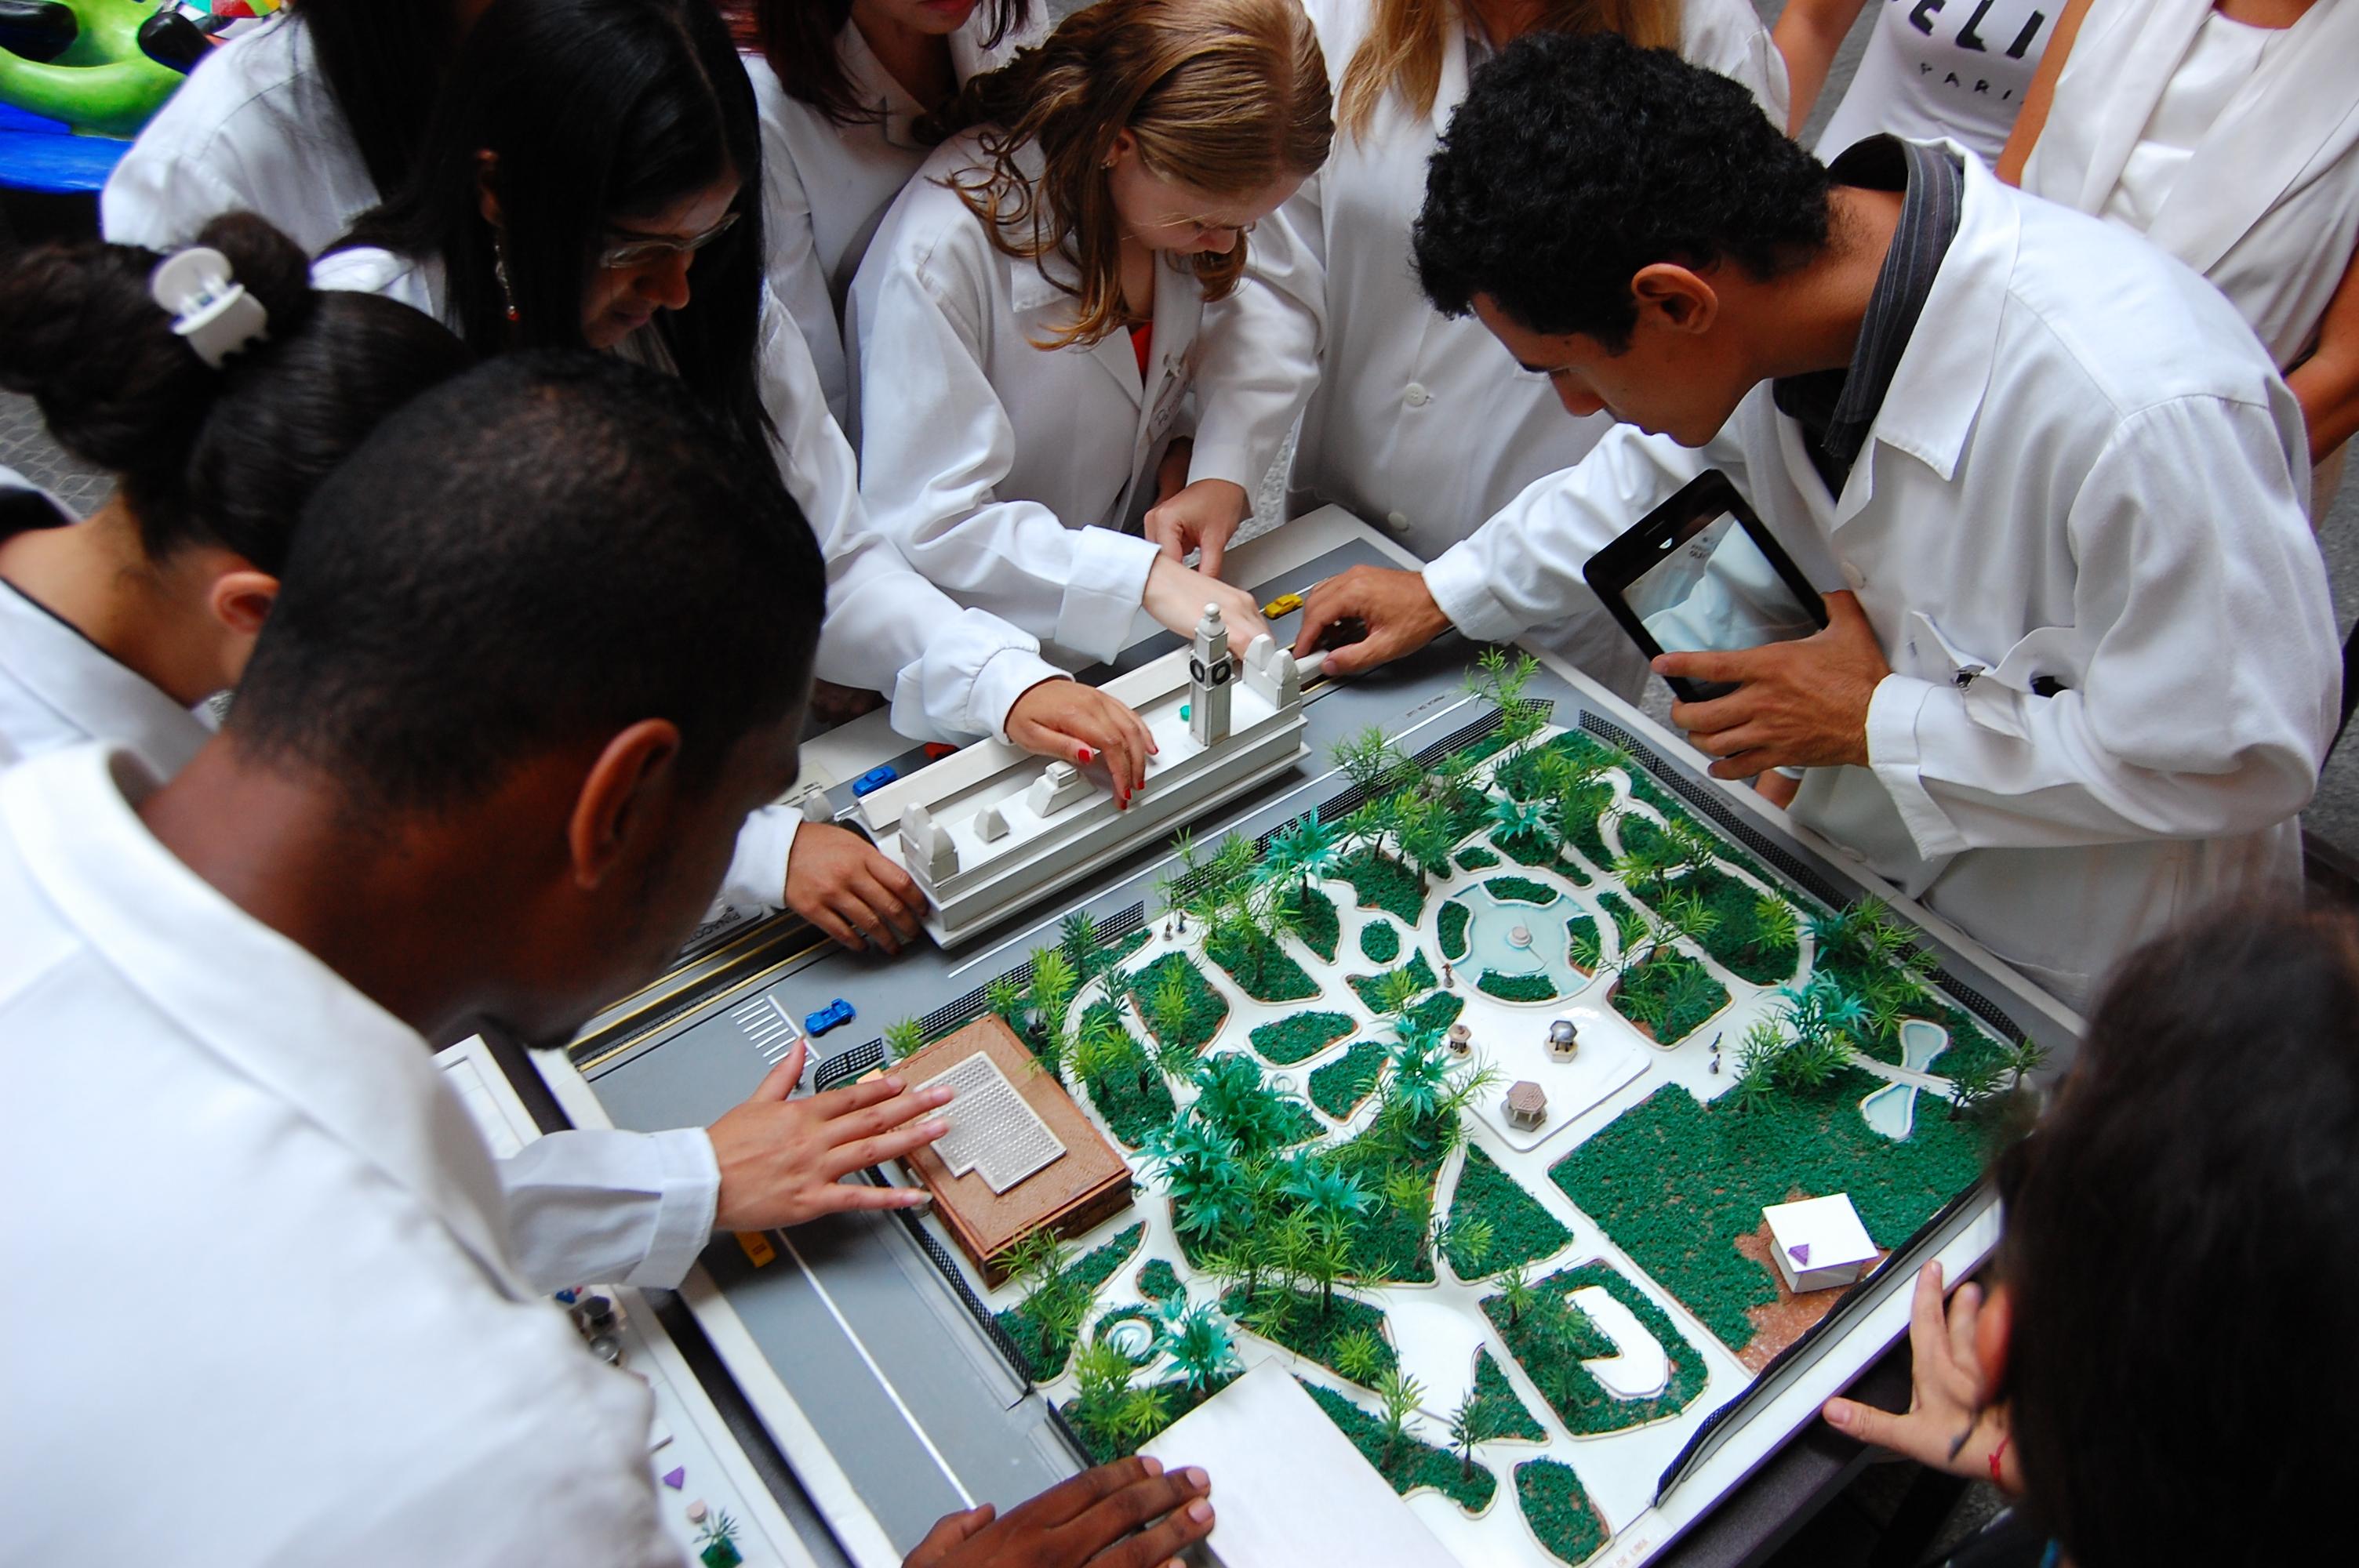 Imagem vista do alto de alunos da Fundação Dorina tateando uma maquete tátil do jardim da Pinacoteca. Eles estão de jalecos brancos, ao redor da maquete.